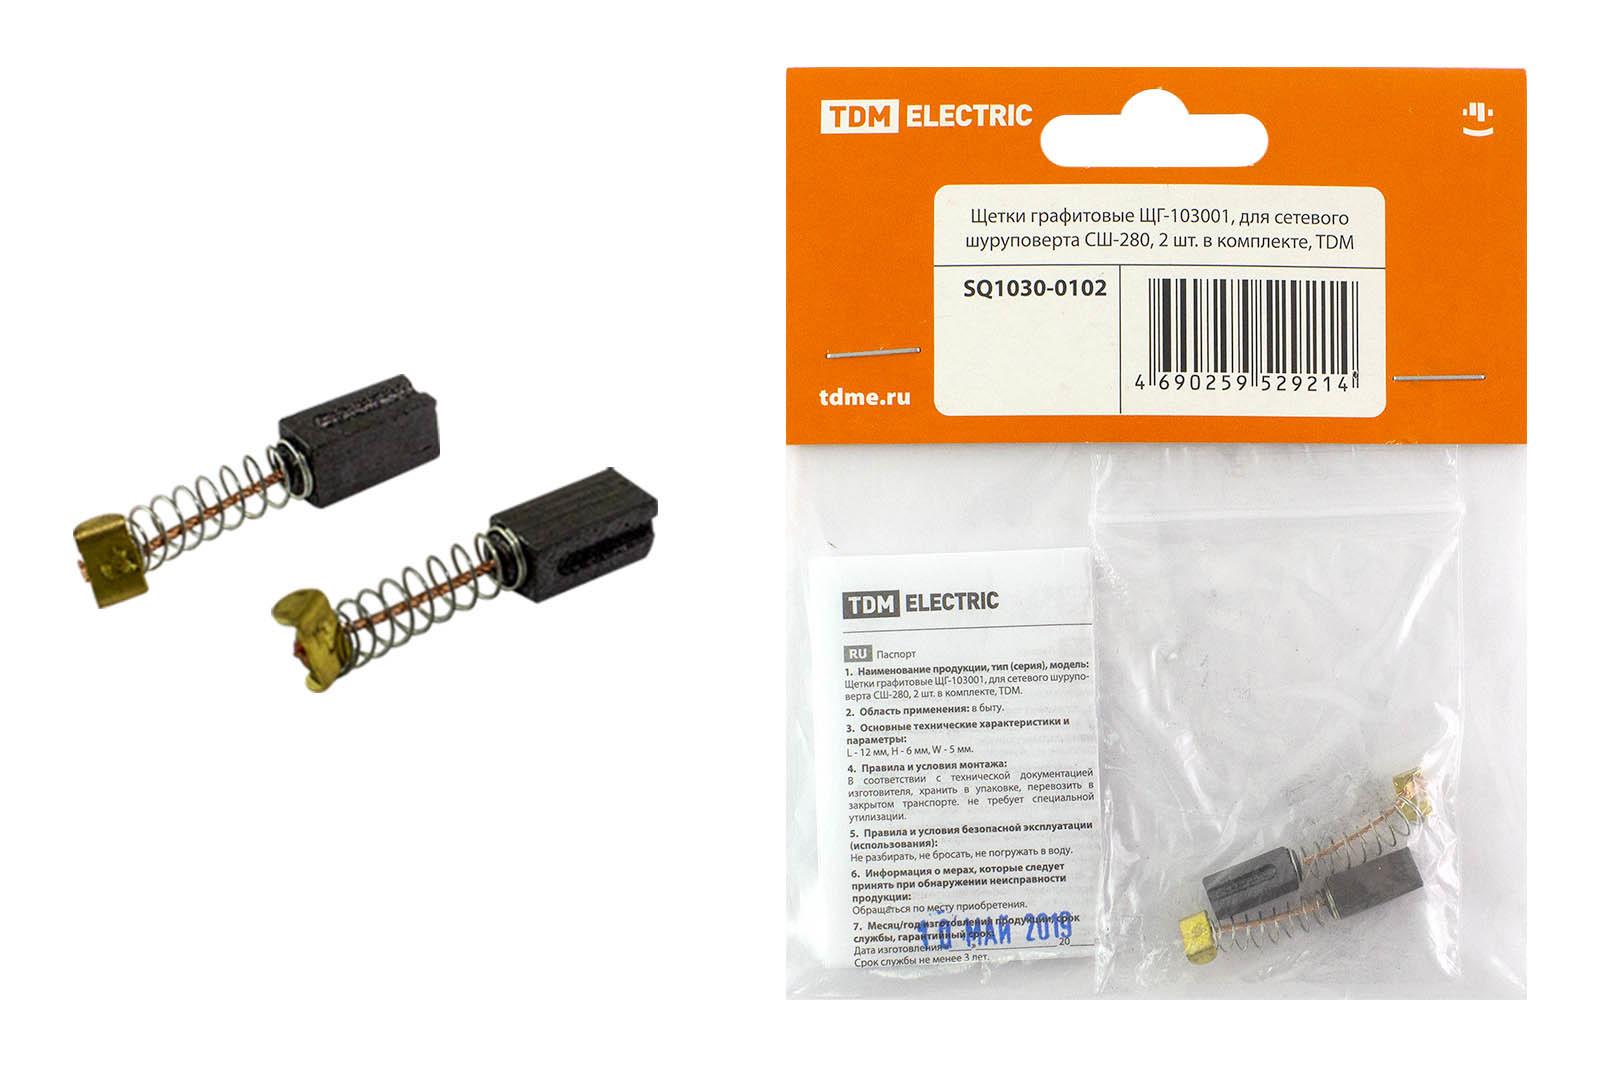 Щетки графитовые ЩГ-103001, для сетевого шуруповерта СШ-280, 2 шт. в комплекте, TDM